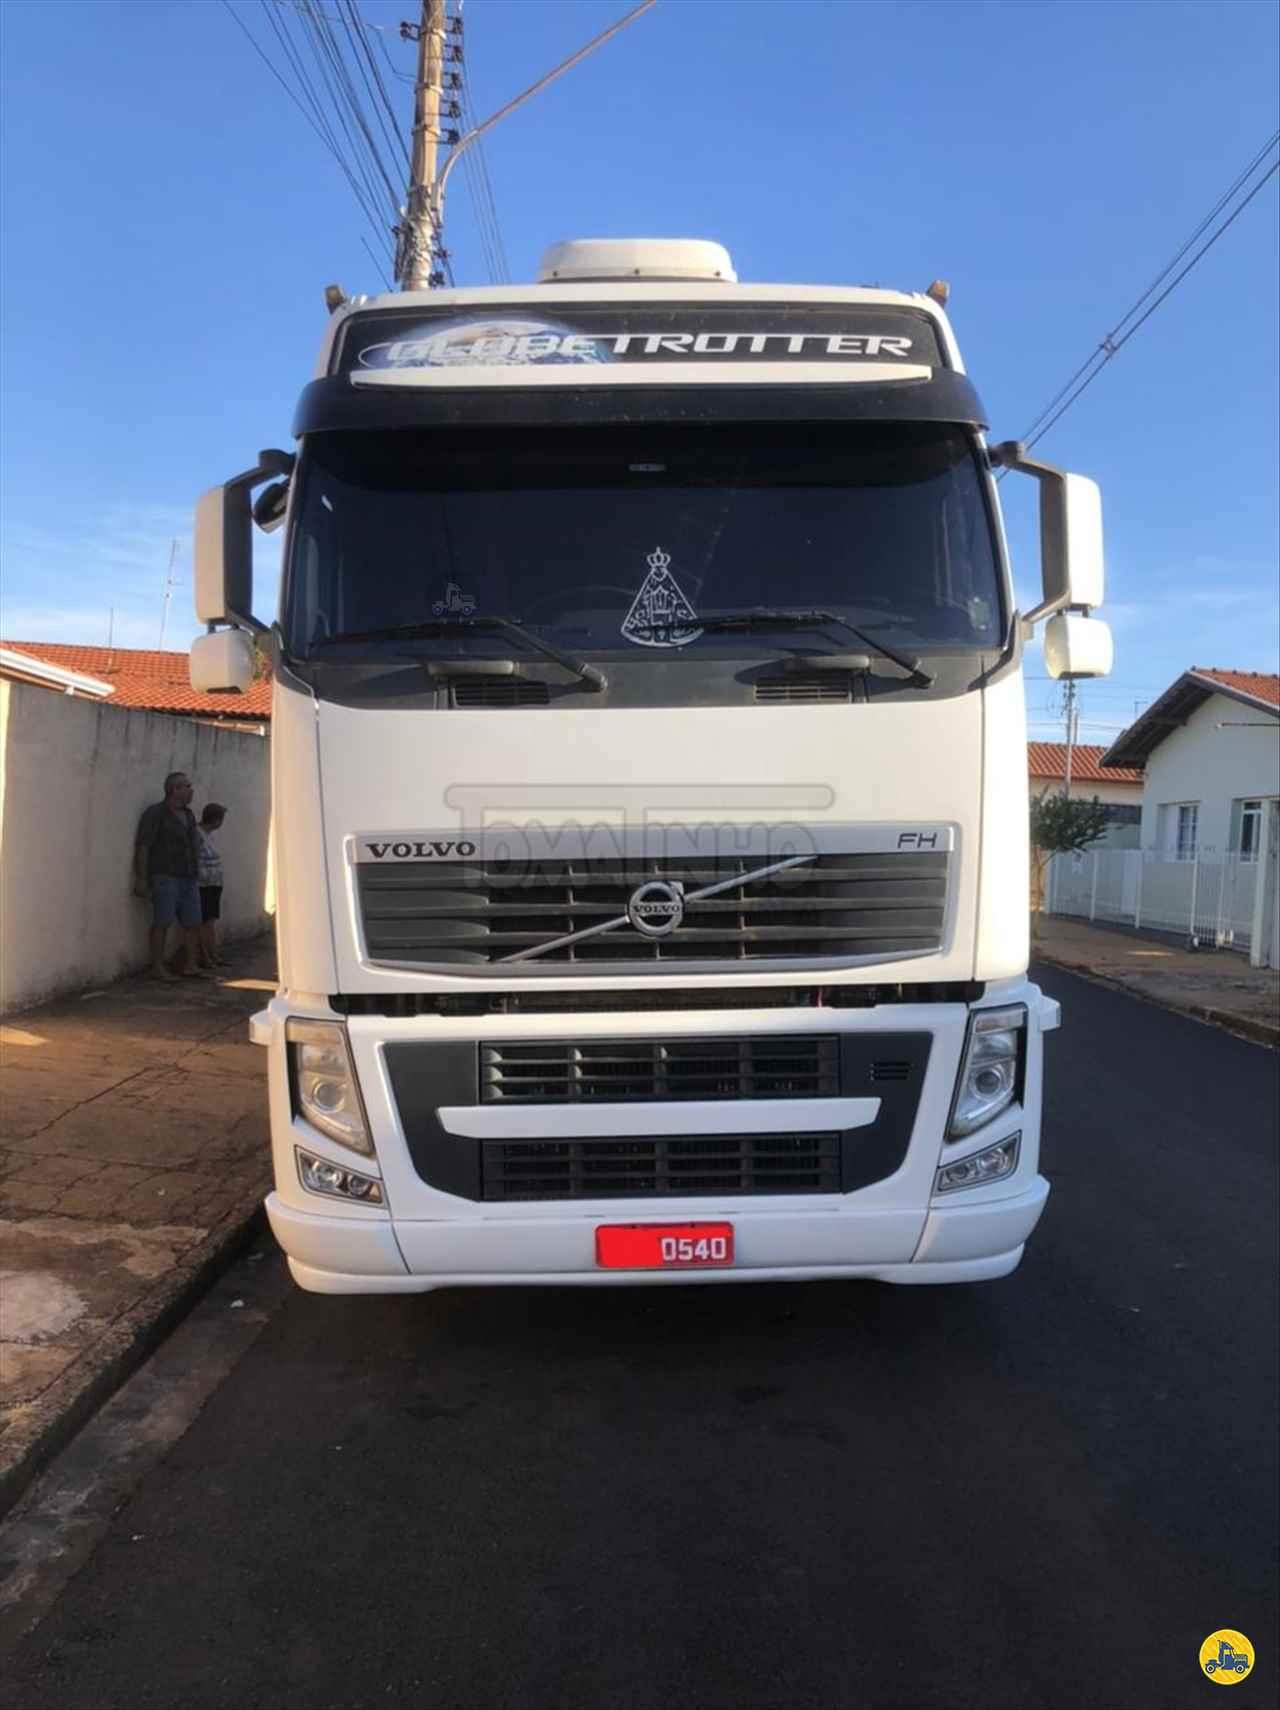 CAMINHAO VOLVO VOLVO FH 540 Cavalo Mecânico Traçado 6x4 Tomatinho Caminhões BAURU SÃO PAULO SP